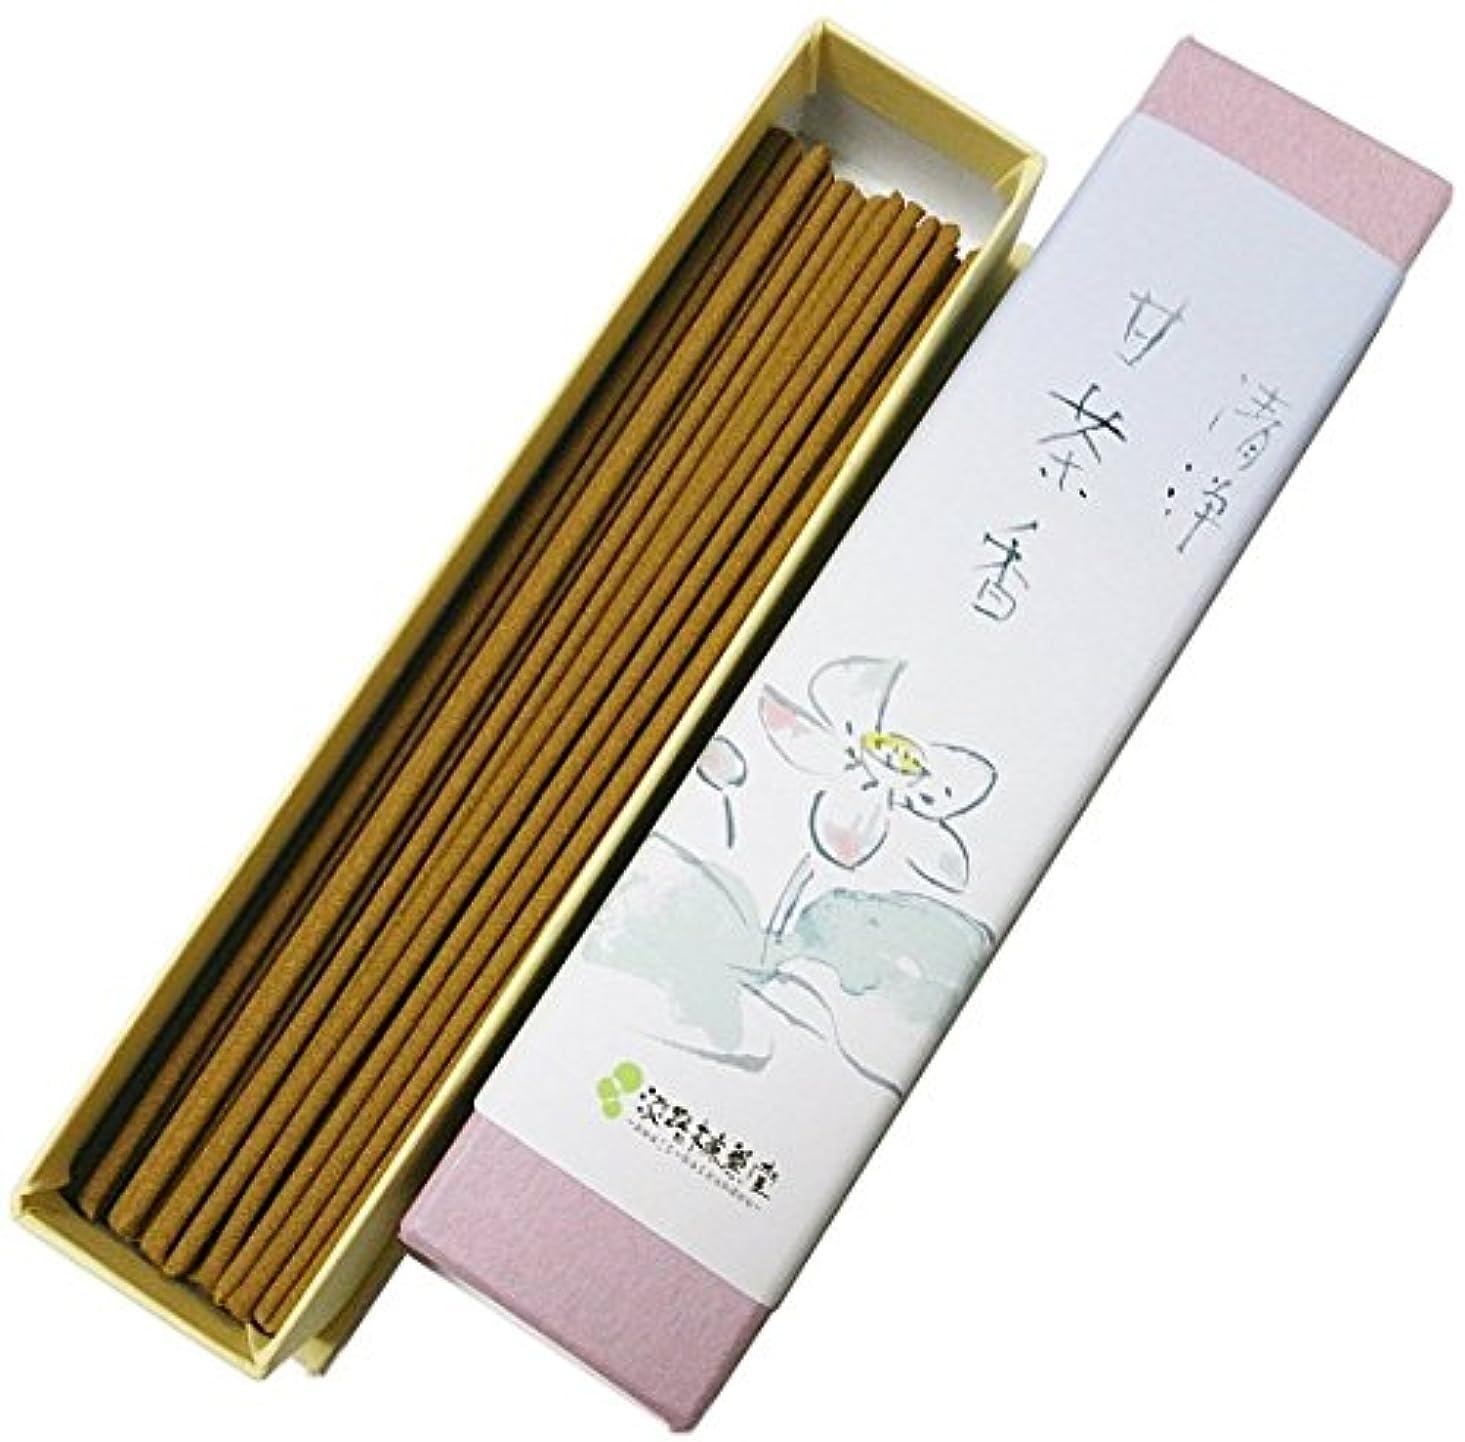 スカープ磁気サンダー淡路梅薫堂の浄化お香 清浄甘茶香 18g #31 ×20